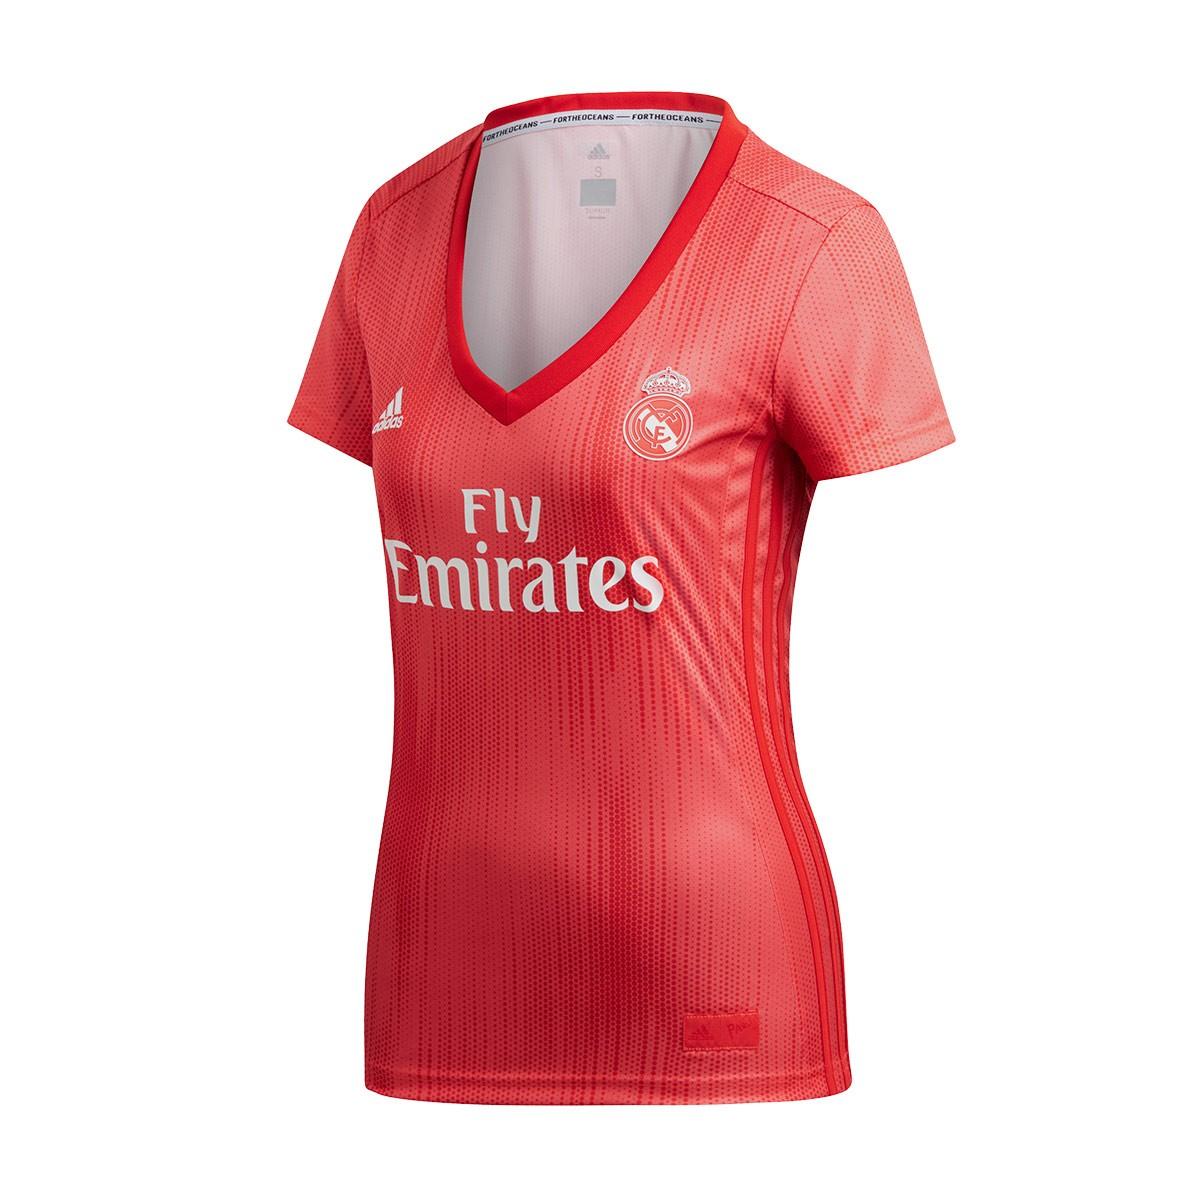 3de41705395 Camiseta adidas Real Madrid Tercera Equipación 2018-2019 Mujer Real  coral-Vivid red - Tienda de fútbol Fútbol Emotion